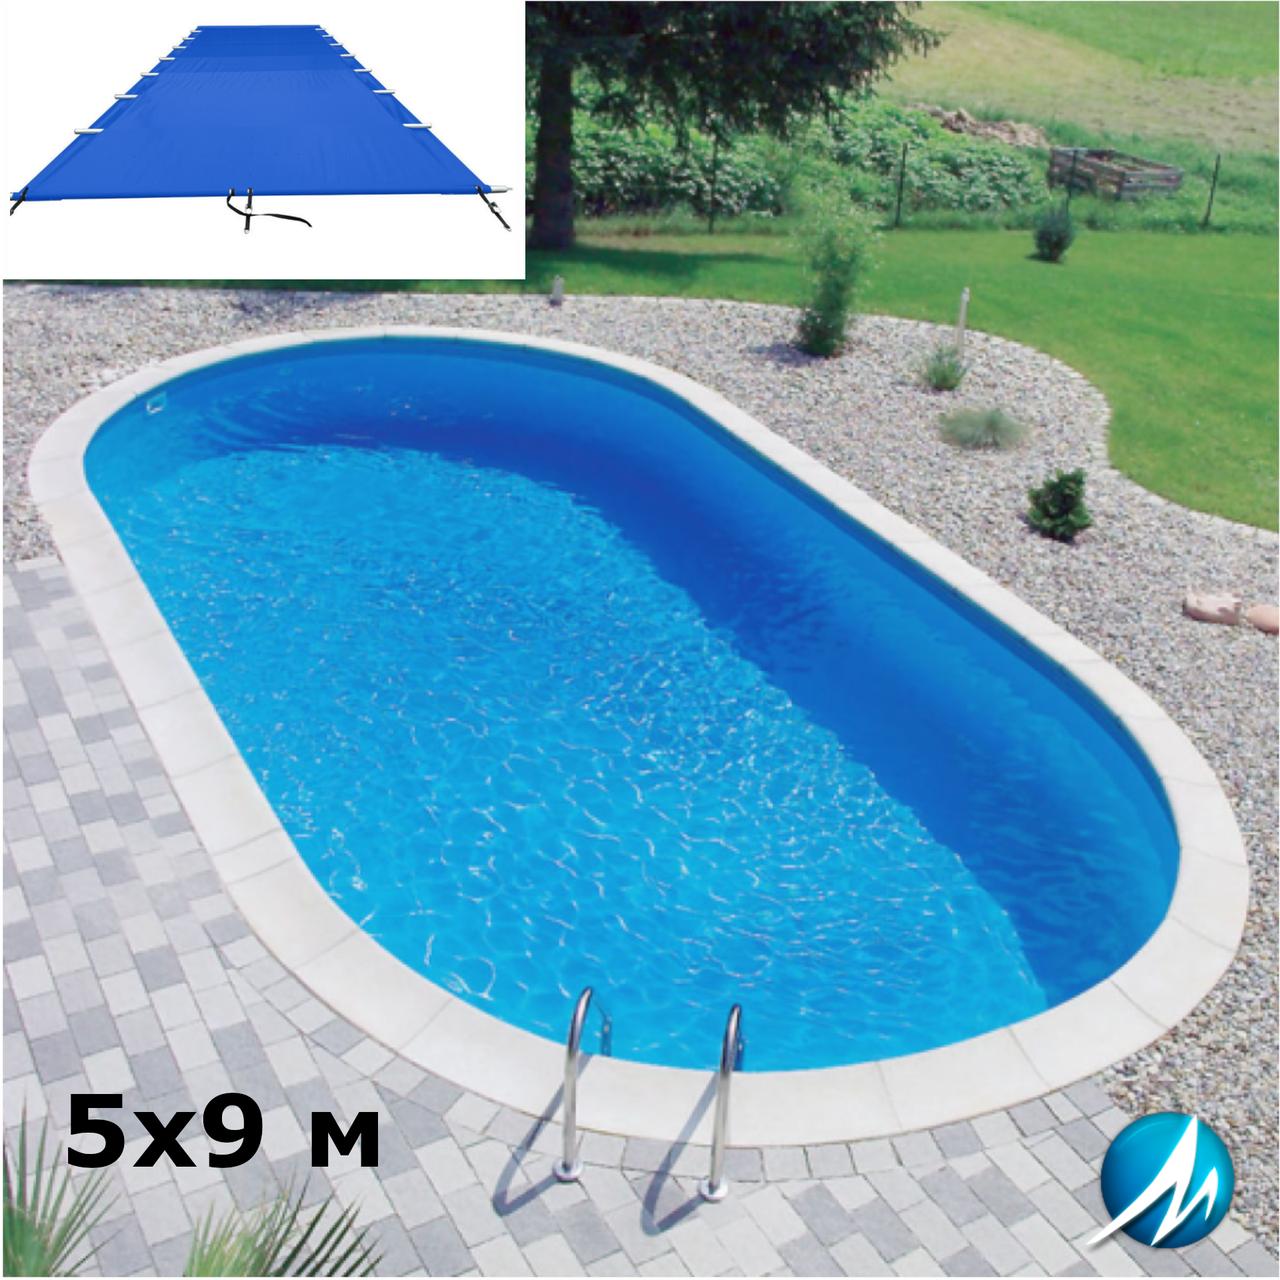 Полівінілове накриття для зборного овального басейну 5х9 м